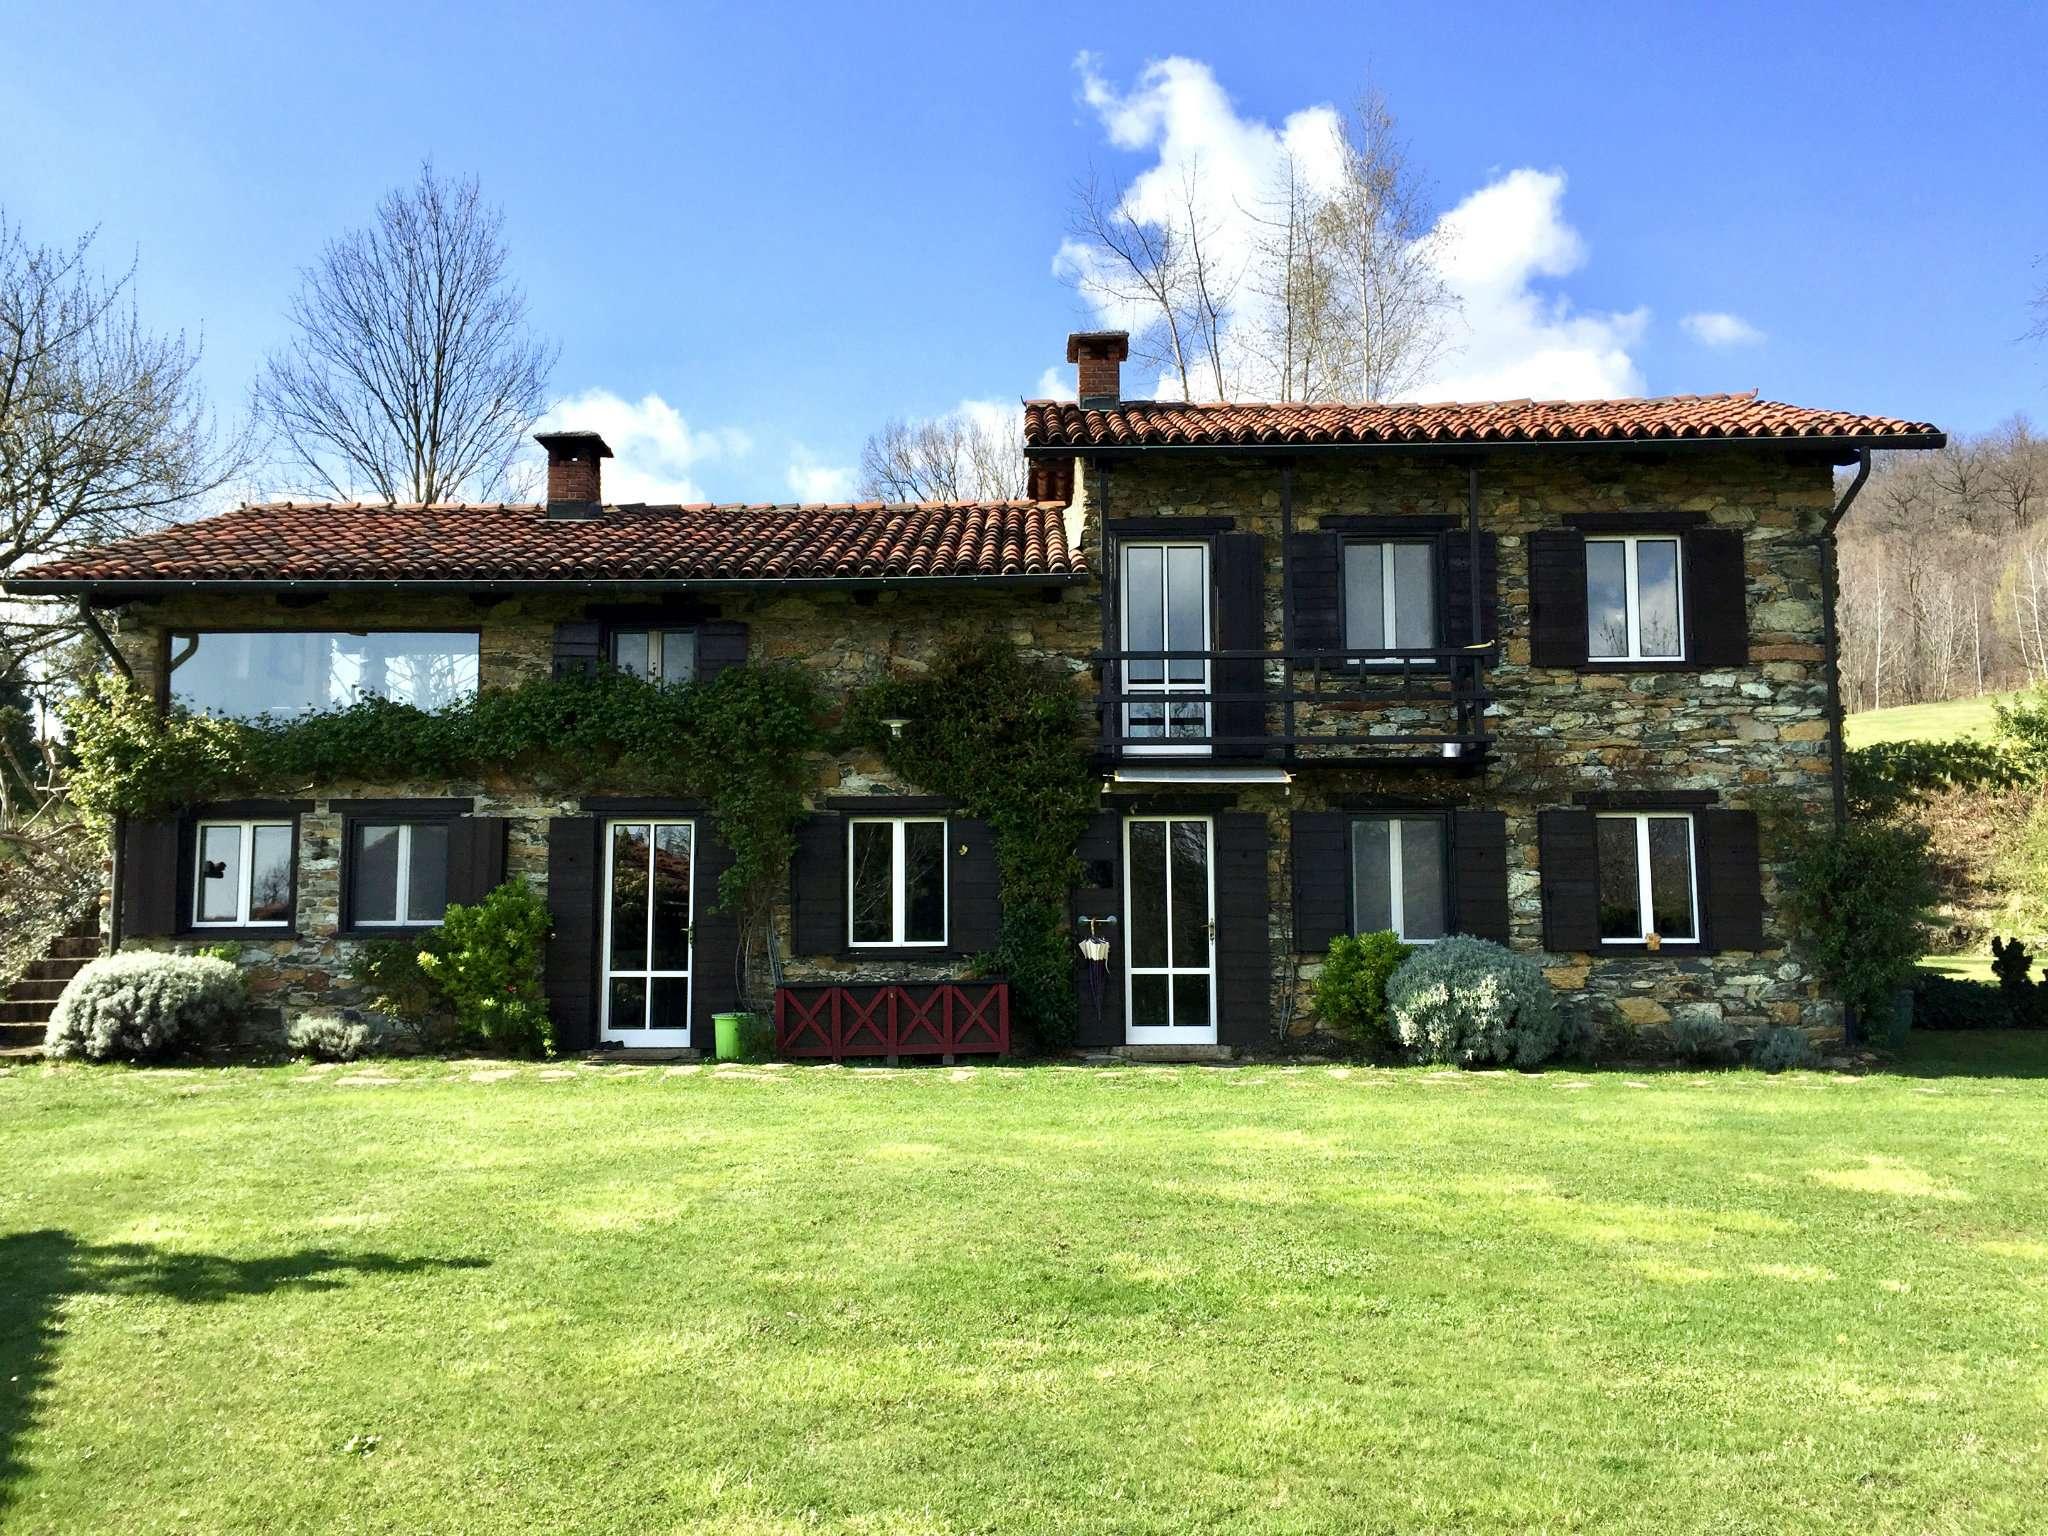 Villa in vendita a Balangero, 8 locali, prezzo € 520.000 | Cambio Casa.it